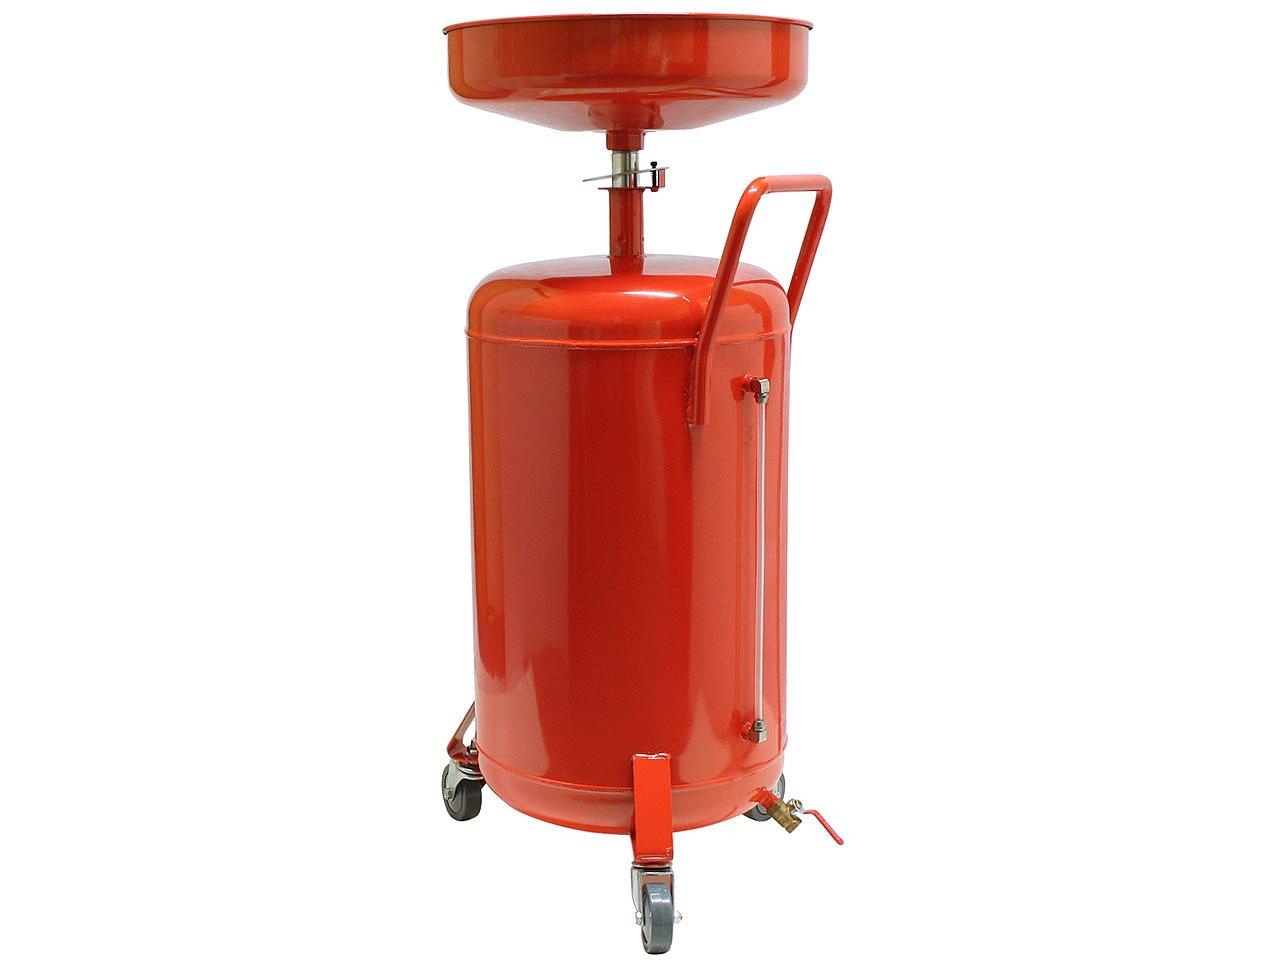 Recuperador de Aceite de desagüe de 90L varanmotors: Amazon.es: Coche y moto